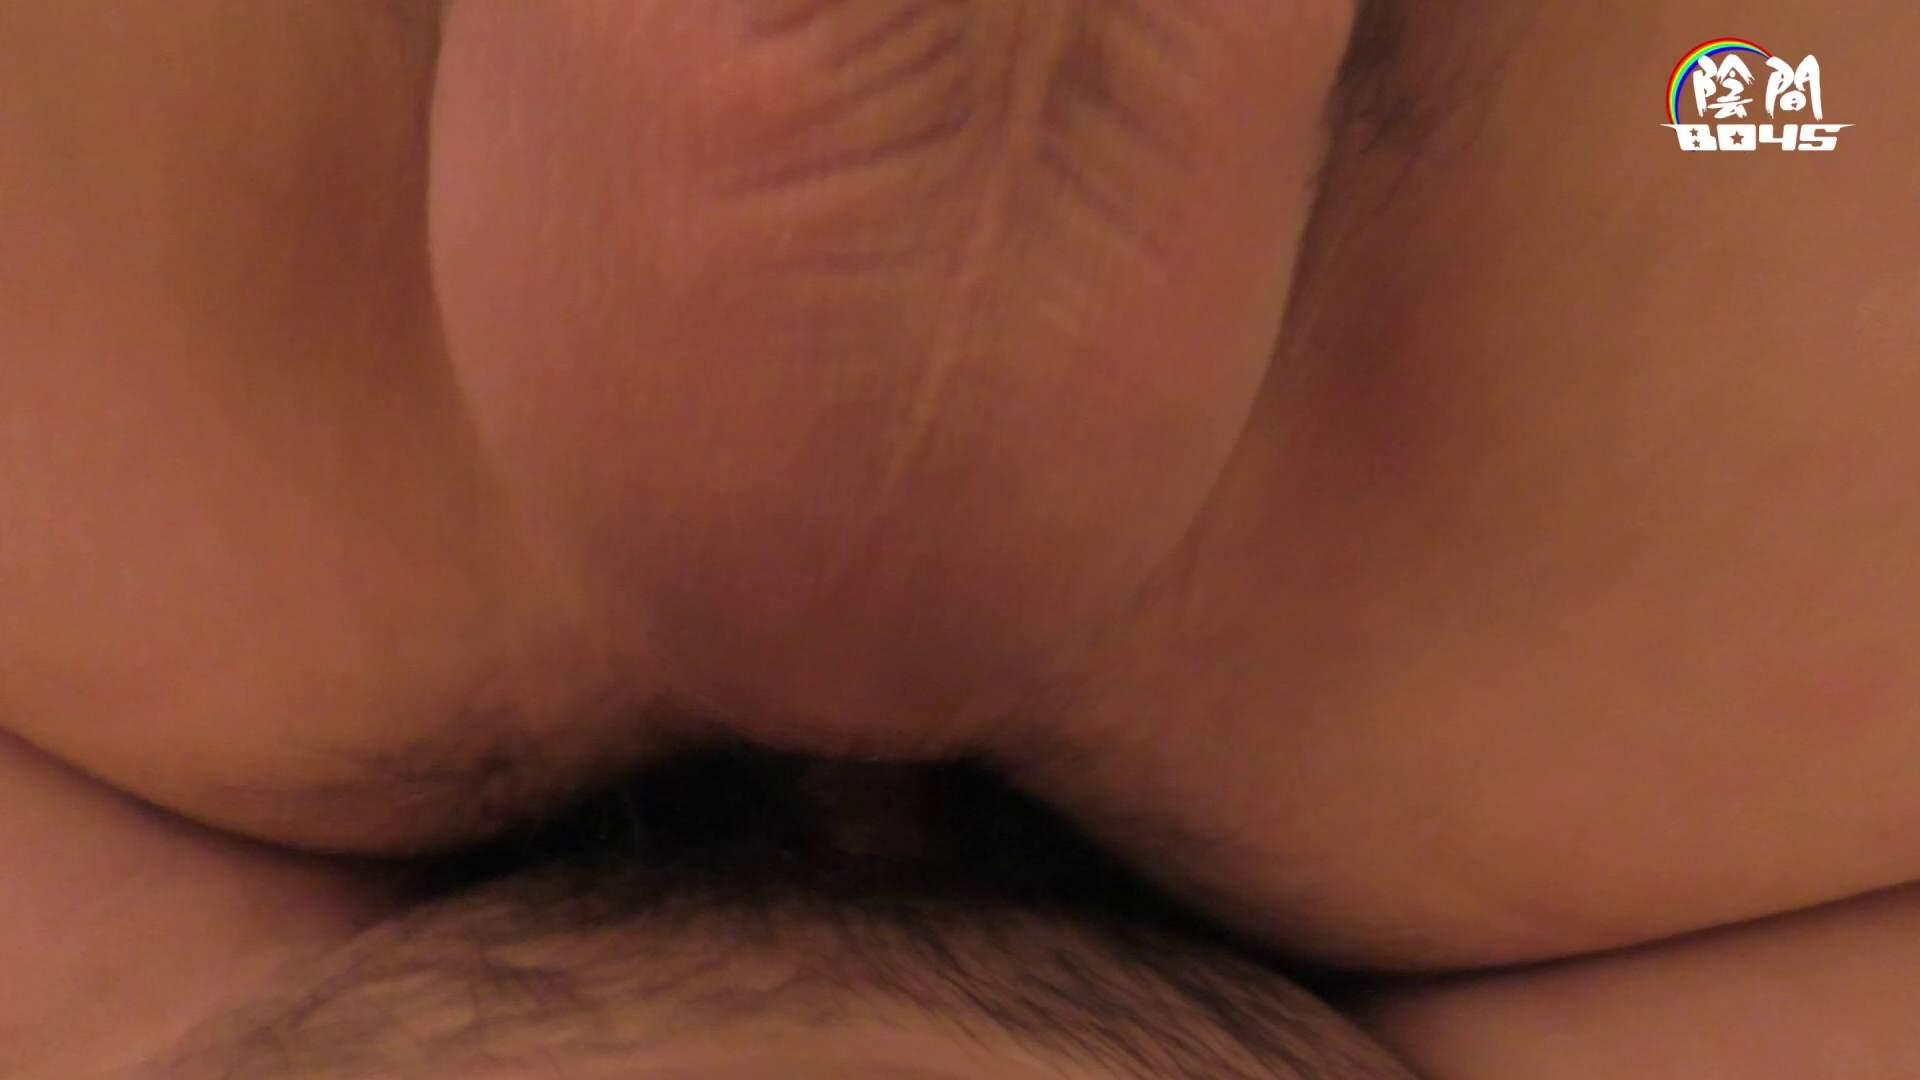 「君のアナルは」part2 ~ノンケの素顔~ Vol.08 オナニー ゲイ無料エロ画像 106枚 85